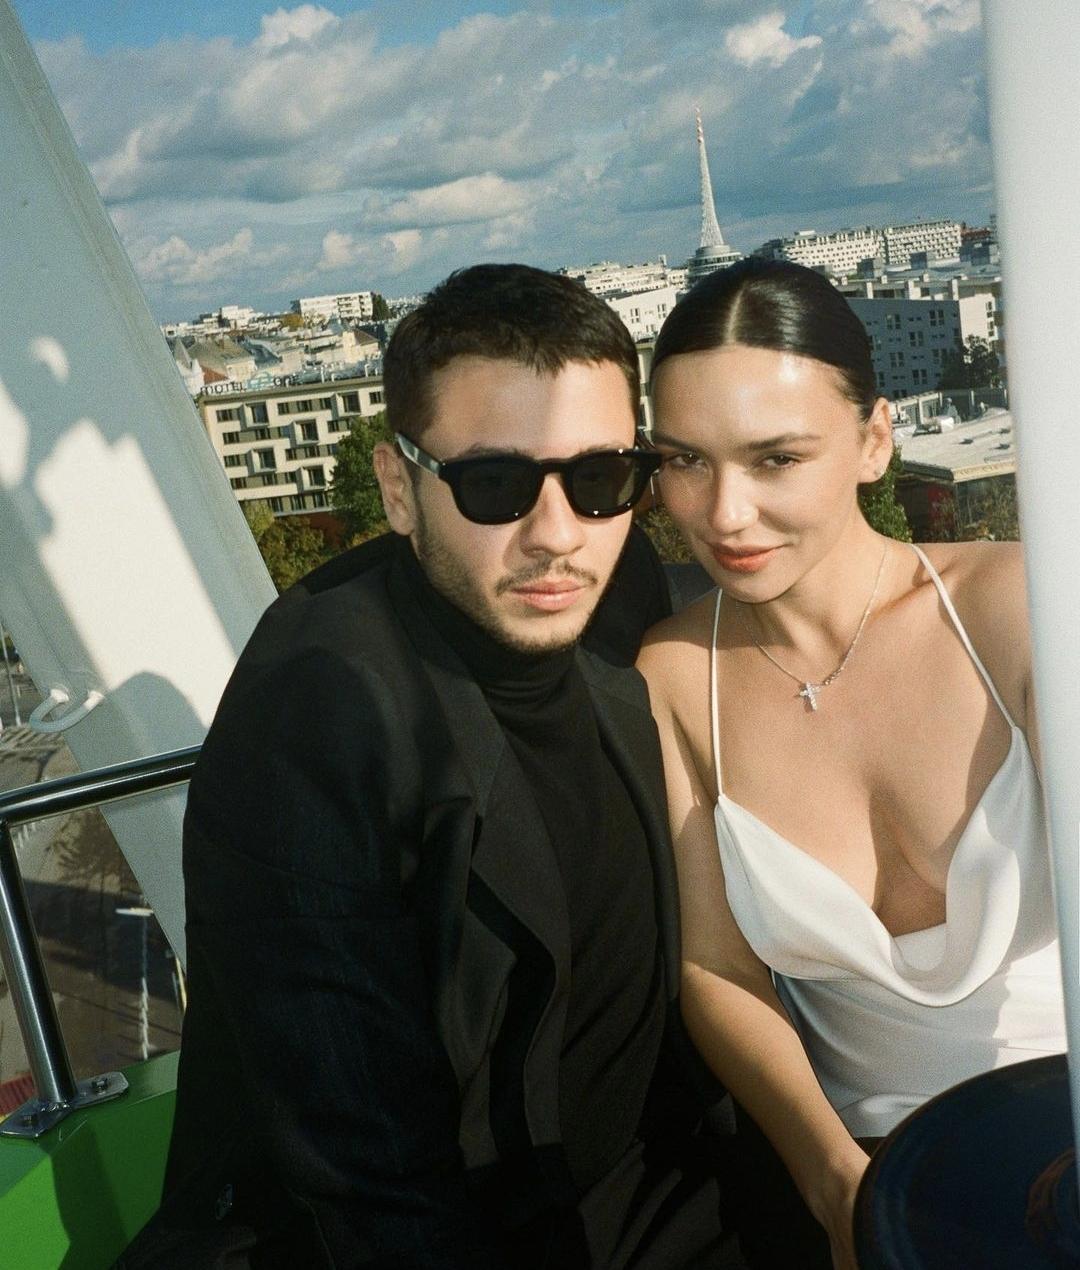 Ольга Серябкина поздравила мужа с днём рождения, а он уехал на мальчишник